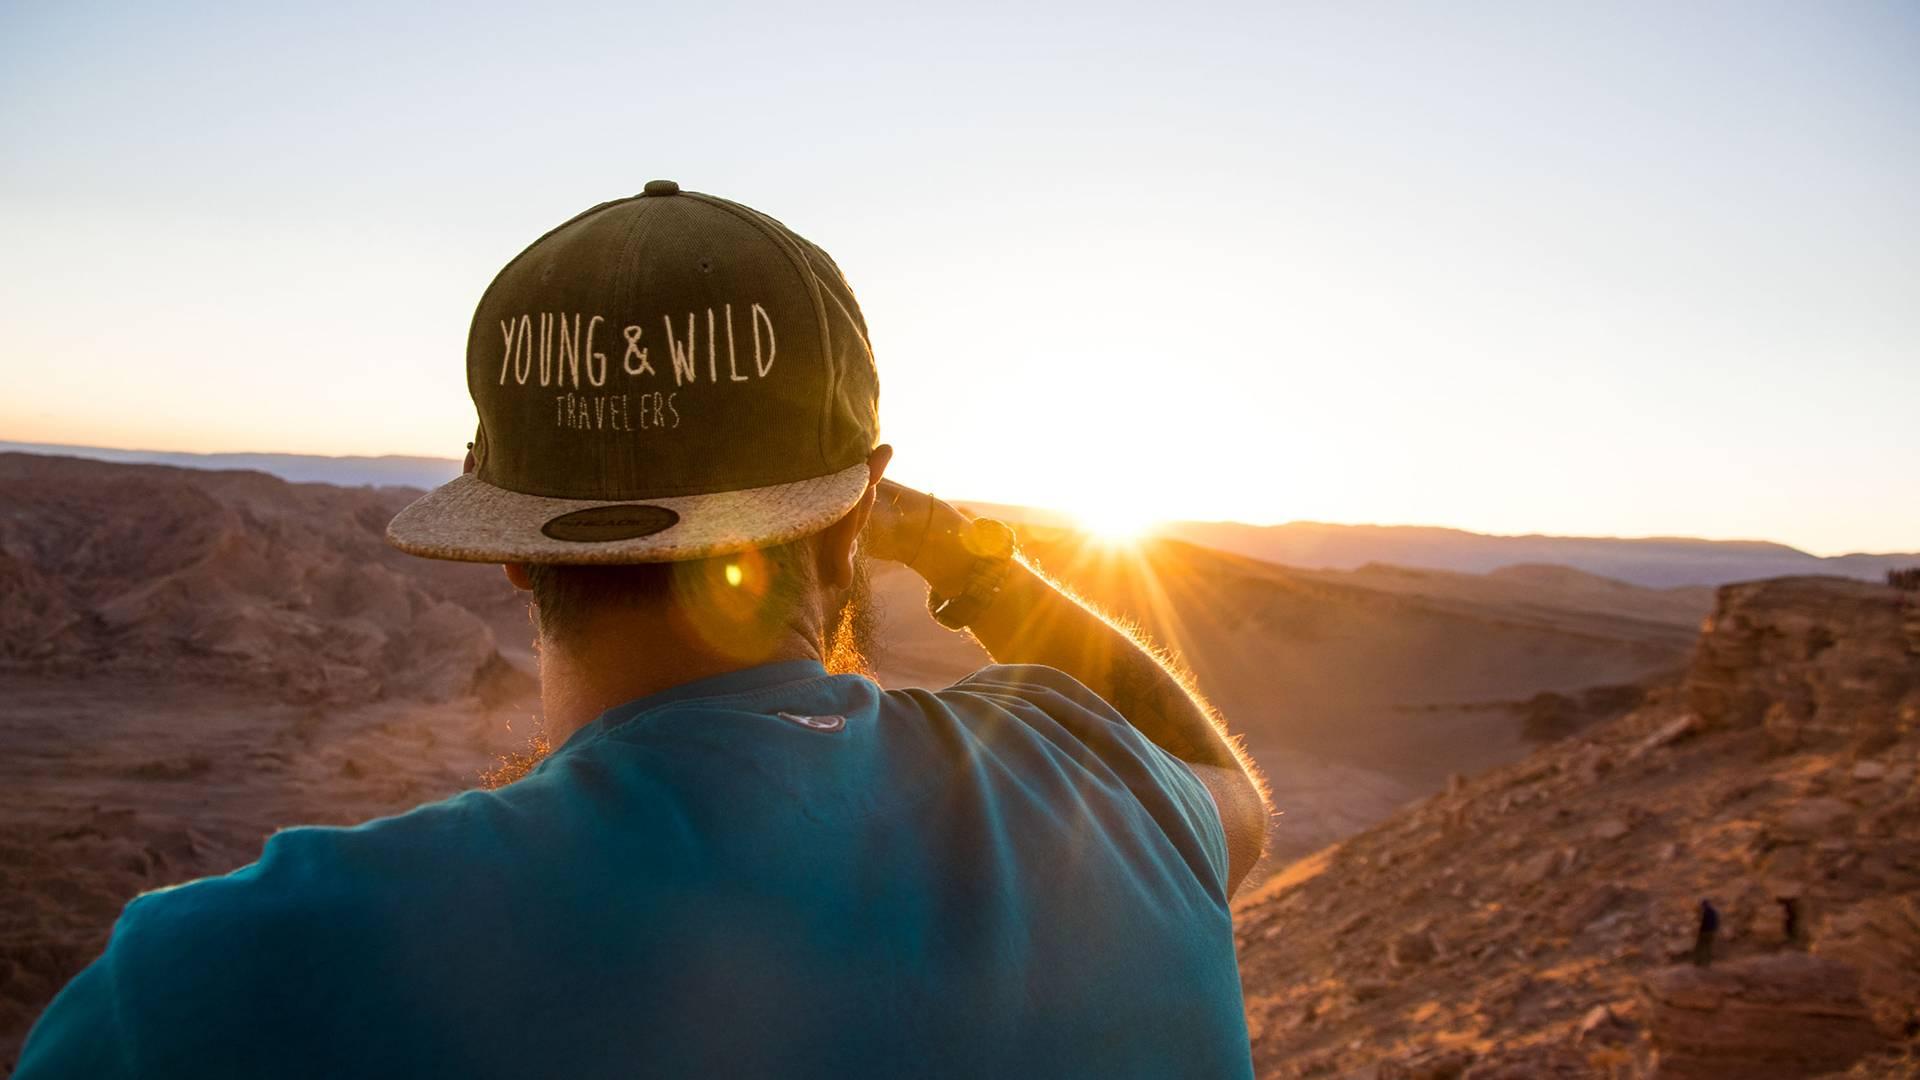 Photo 2: La vallée de la lune - Atacama désert